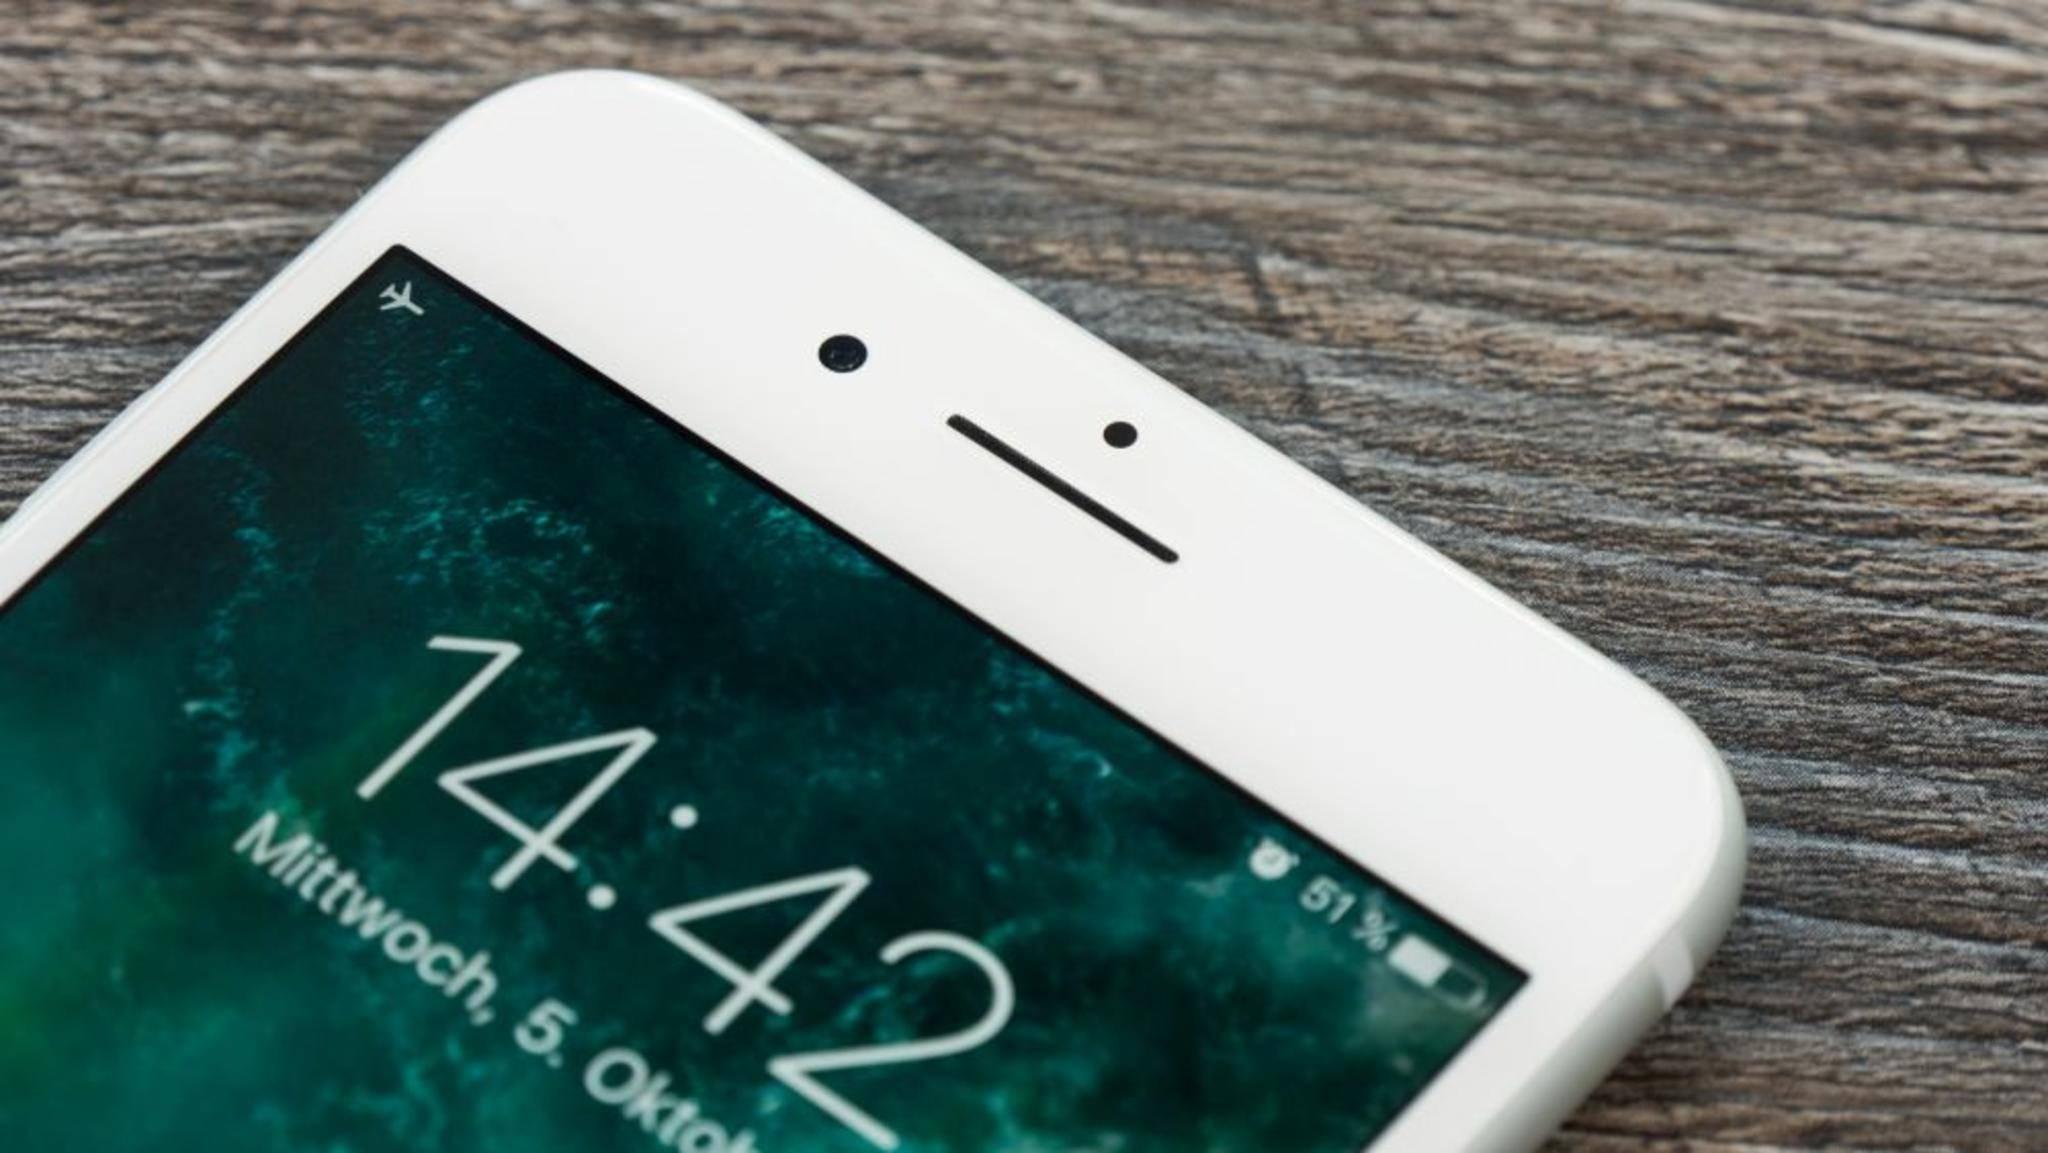 Ist der Akku vom iPhone zu schnell leer? Diese neun Tipps können helfen.